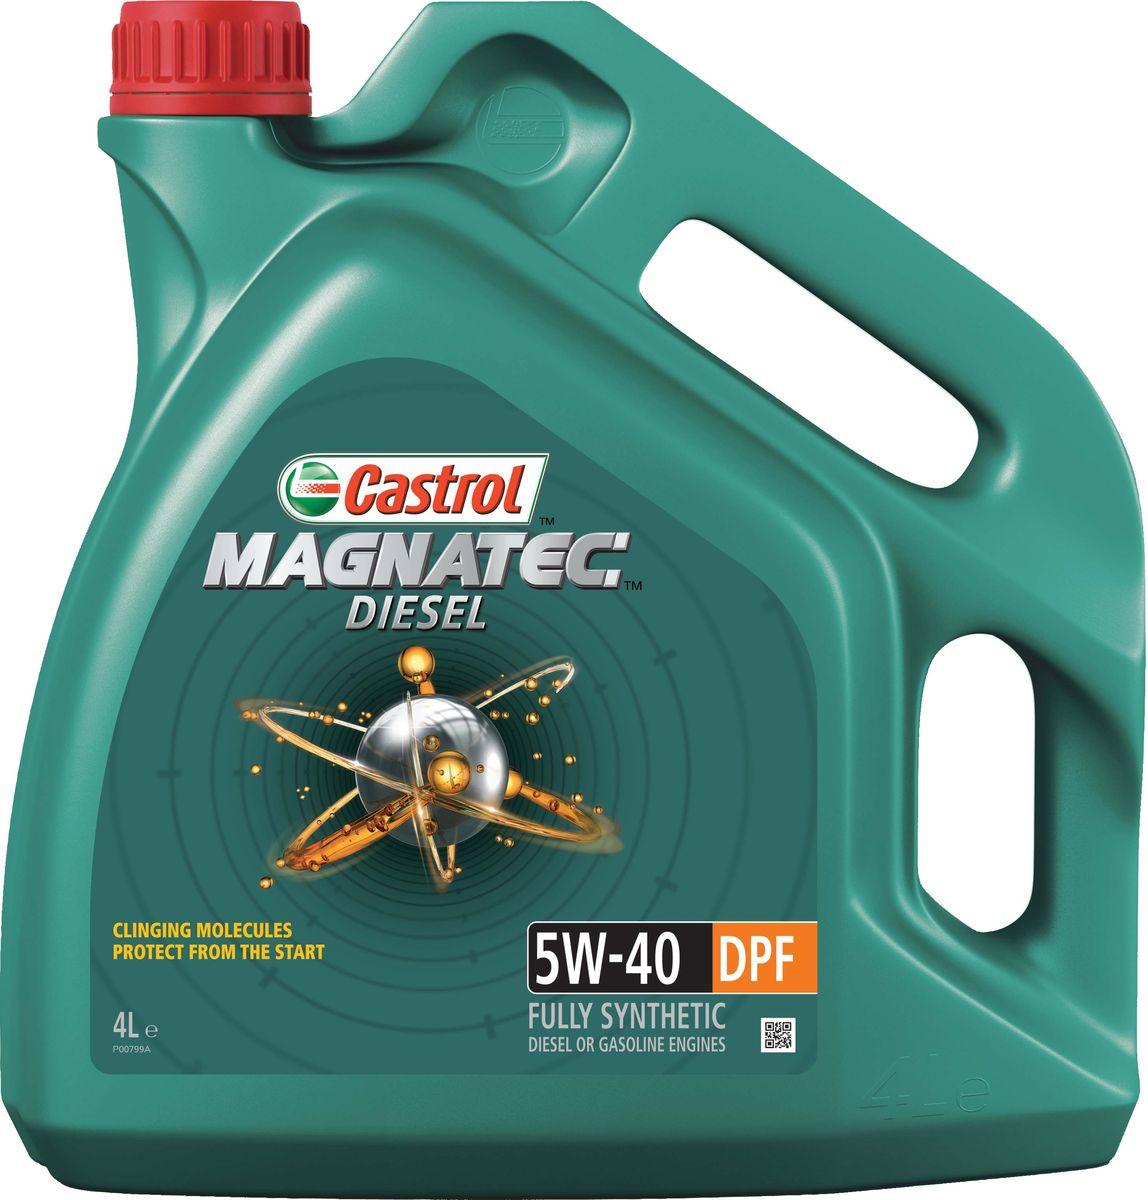 """Масло моторное Castrol """"Magnatec Diesel"""", синтетическое, класс вязкости 5W-40, DPF, 4 л"""